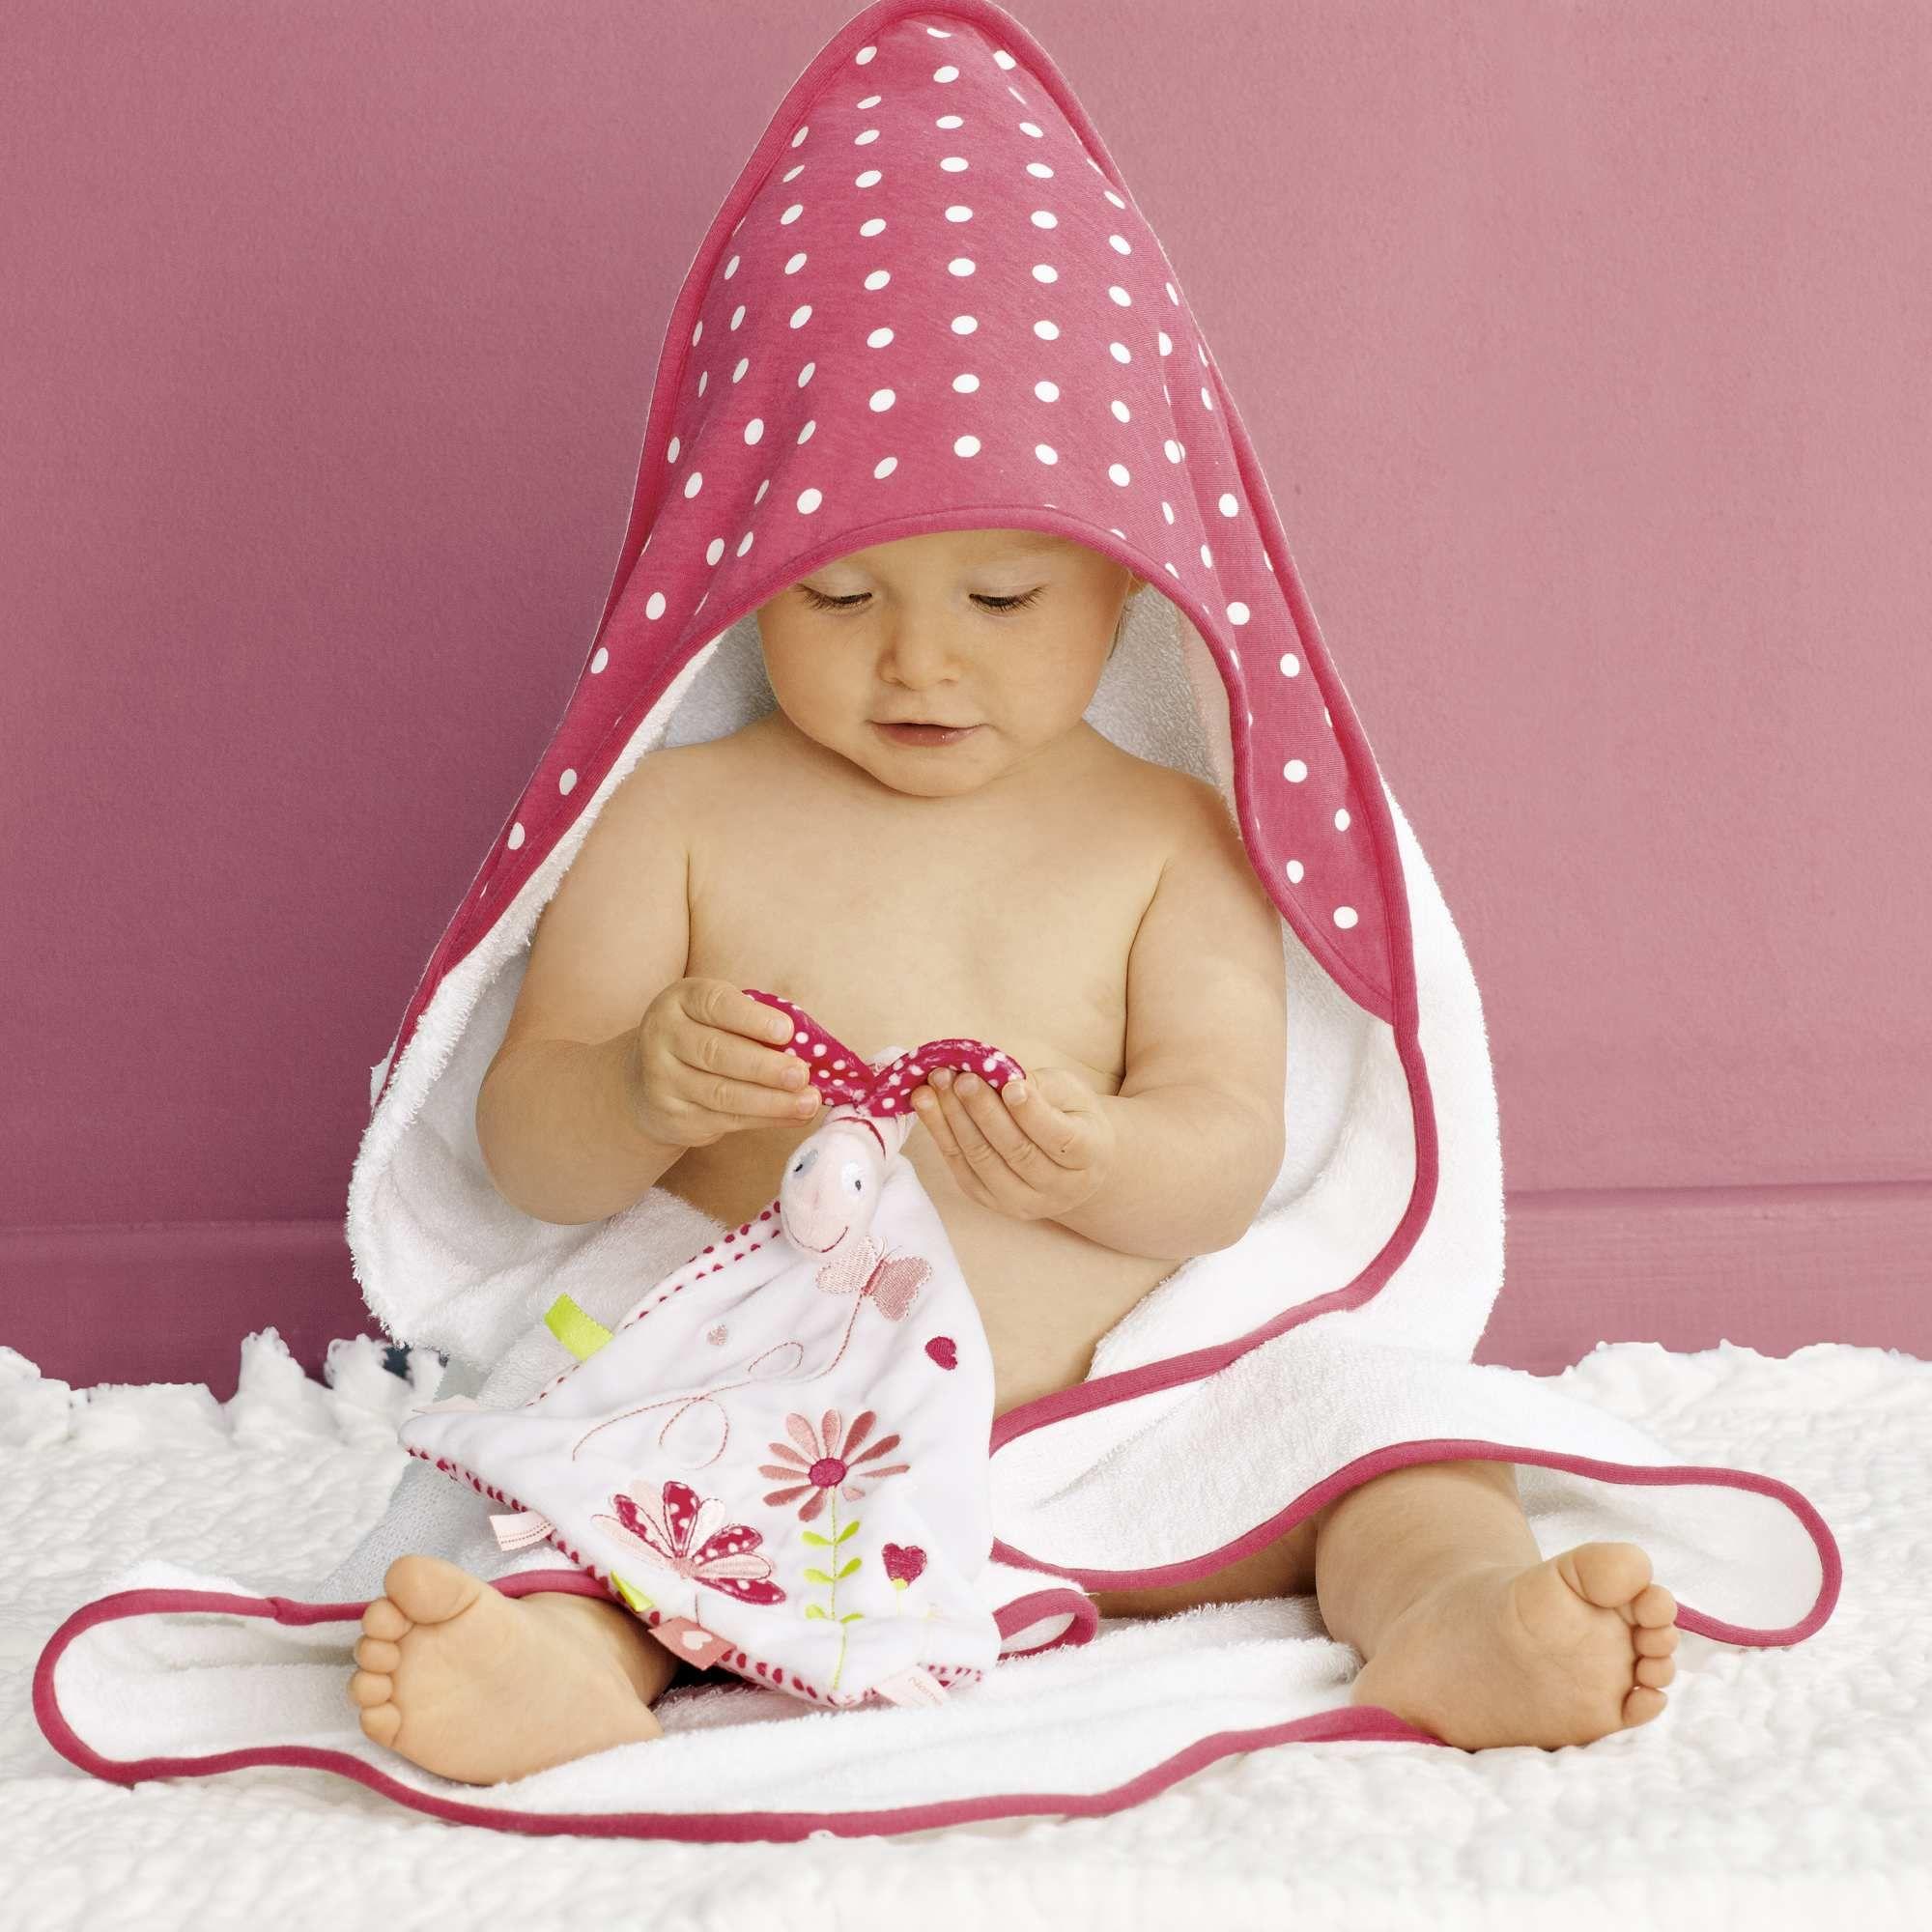 Articulos de bebe capa de bano de fantasia rosa intenso bebe nina er453 2 zc1 beb s baby - Articulos para bano ...